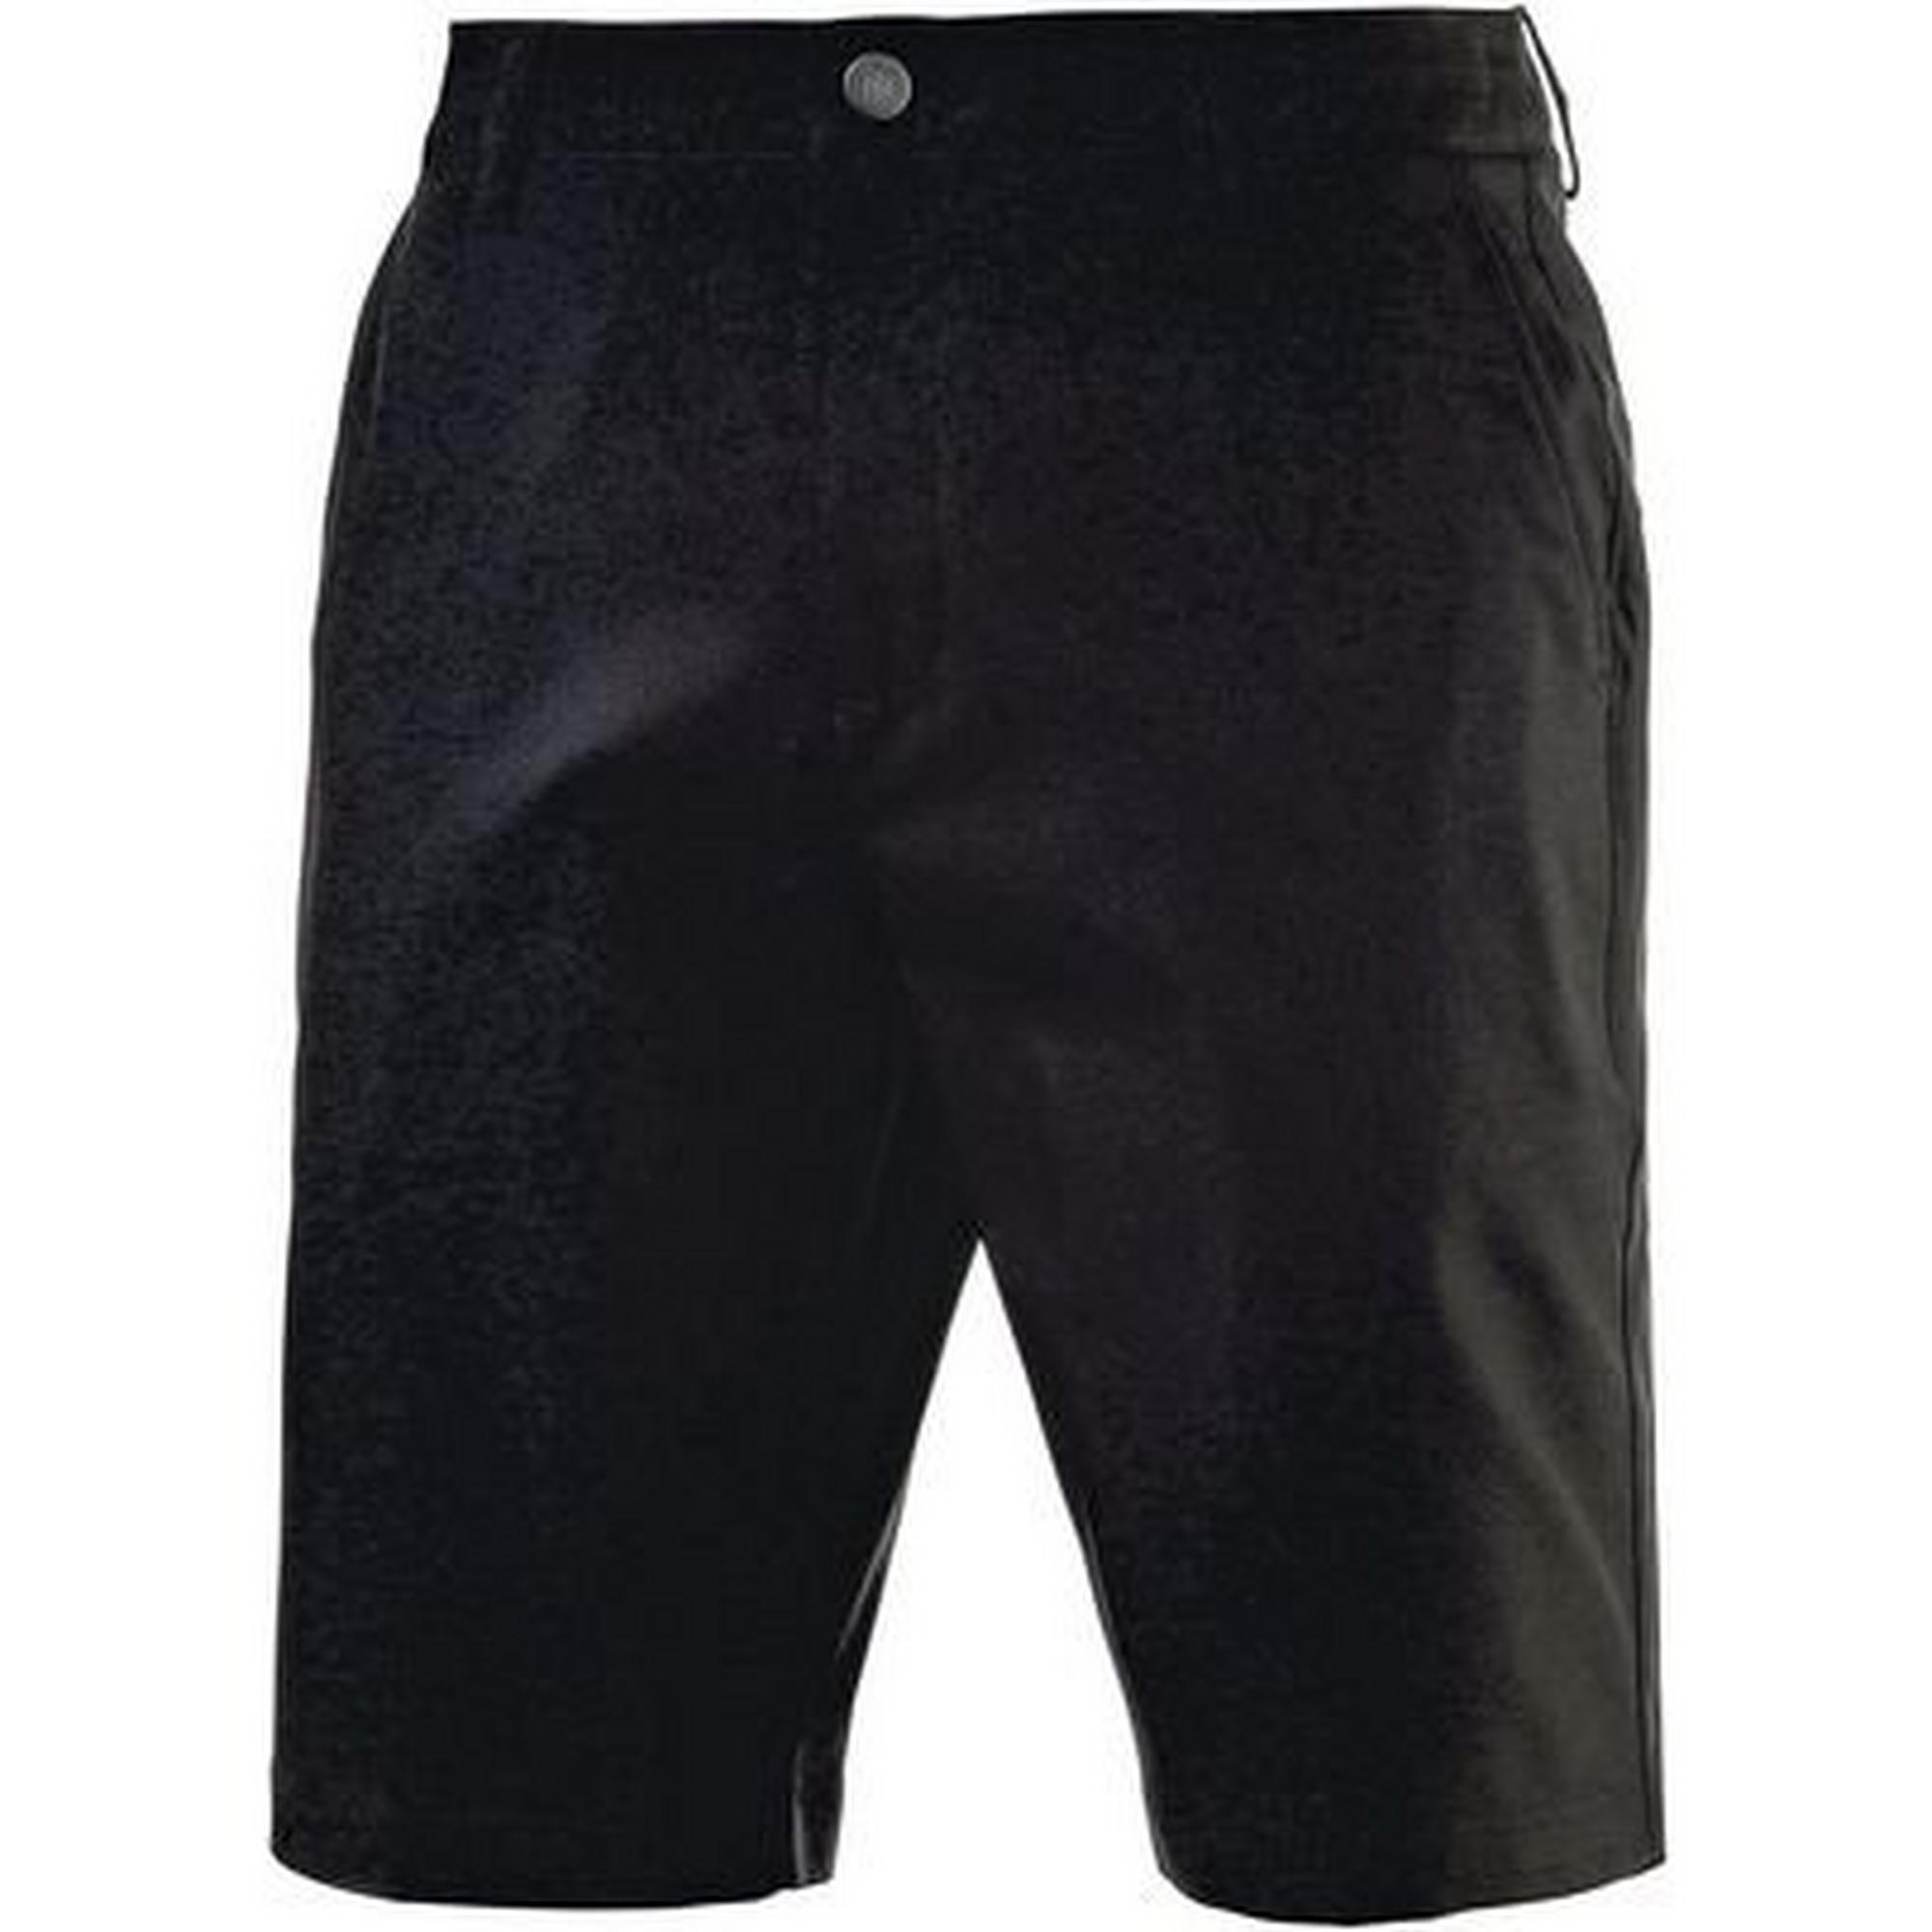 c2e9ae3b1a18 PUMA Men s Essential Pounce Short